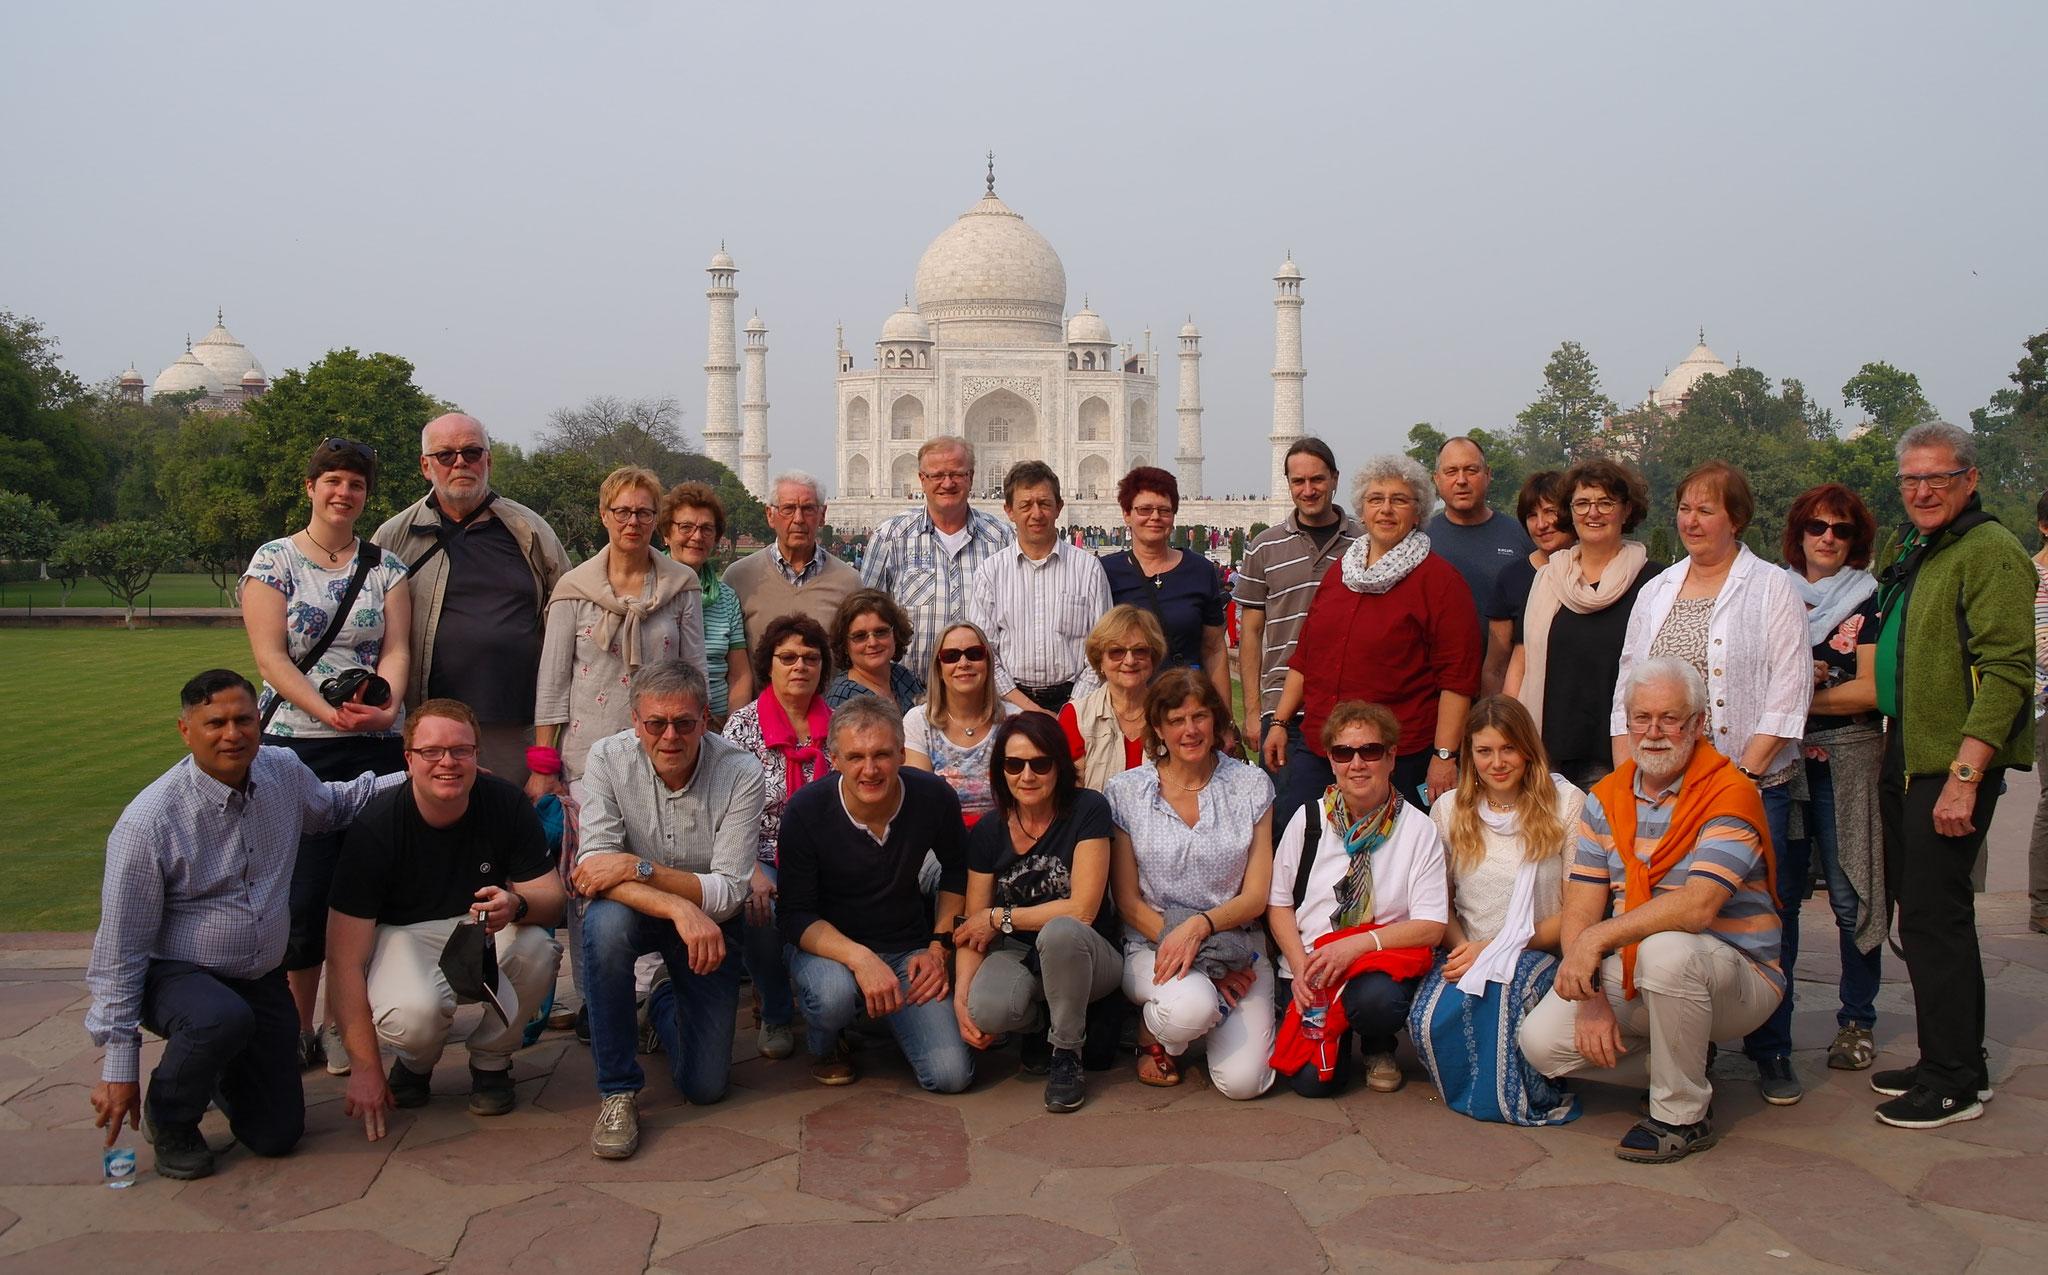 Pfarrer Norman D`Souza zeigte den Reisenden das Taj Mahal, das zu den sieben Weltwundern zählt.